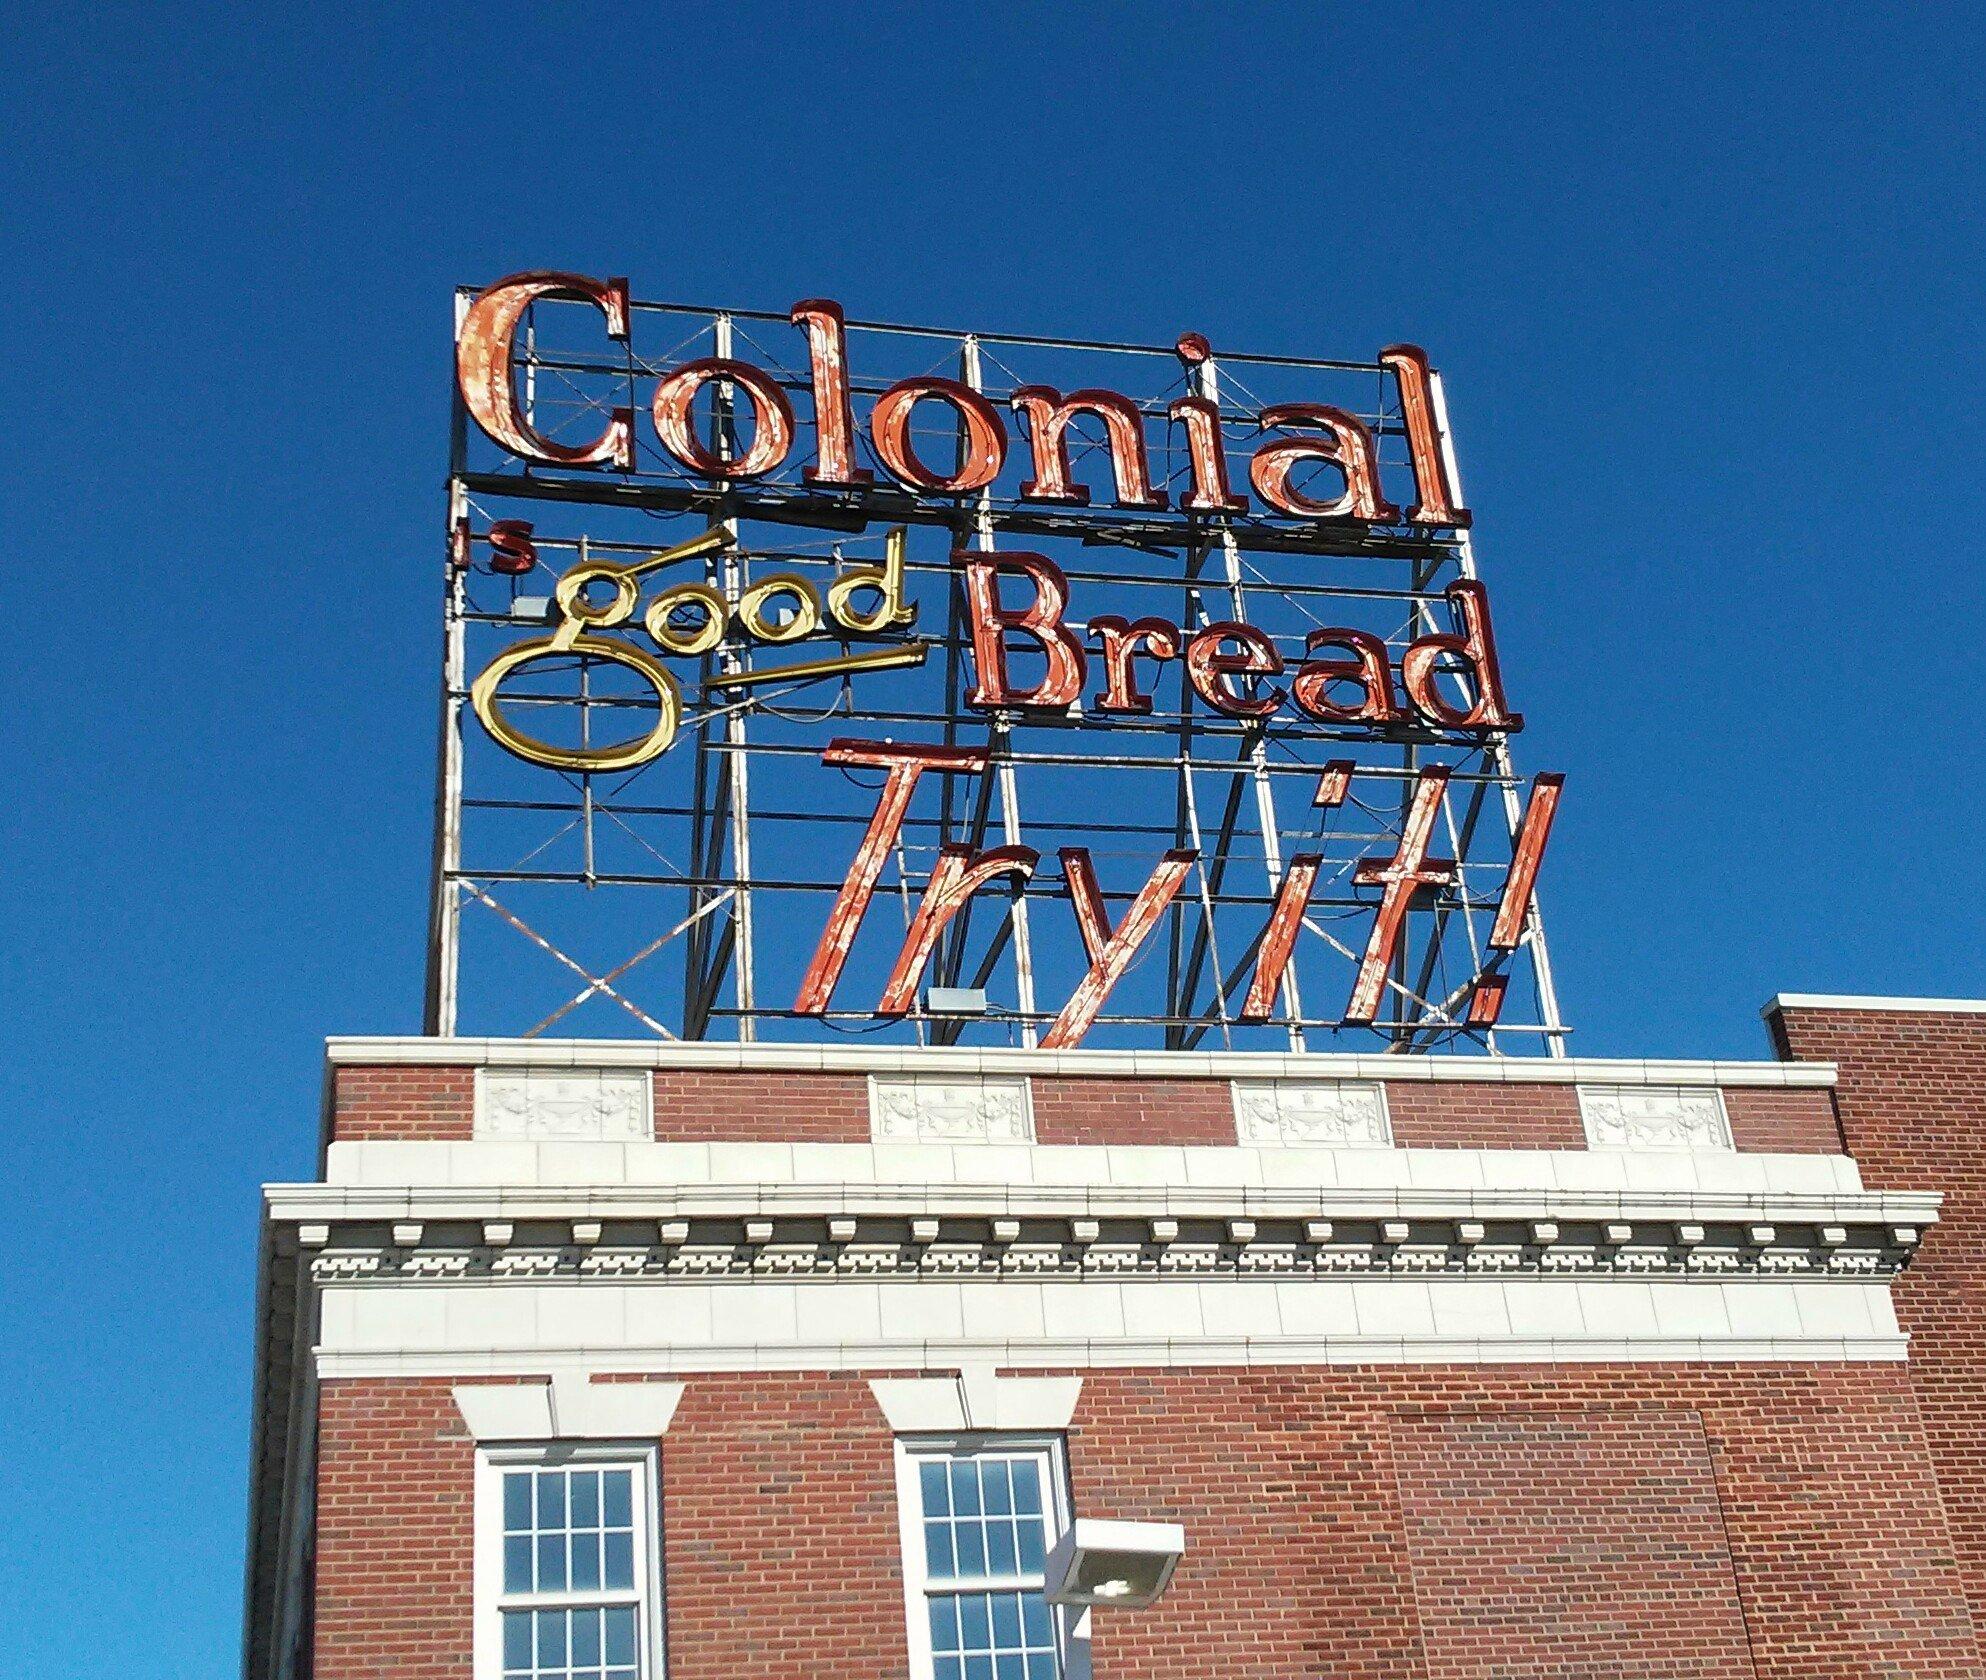 Colonial Bread - Des Moines, Iowa U.S.A. - October 16, 2017